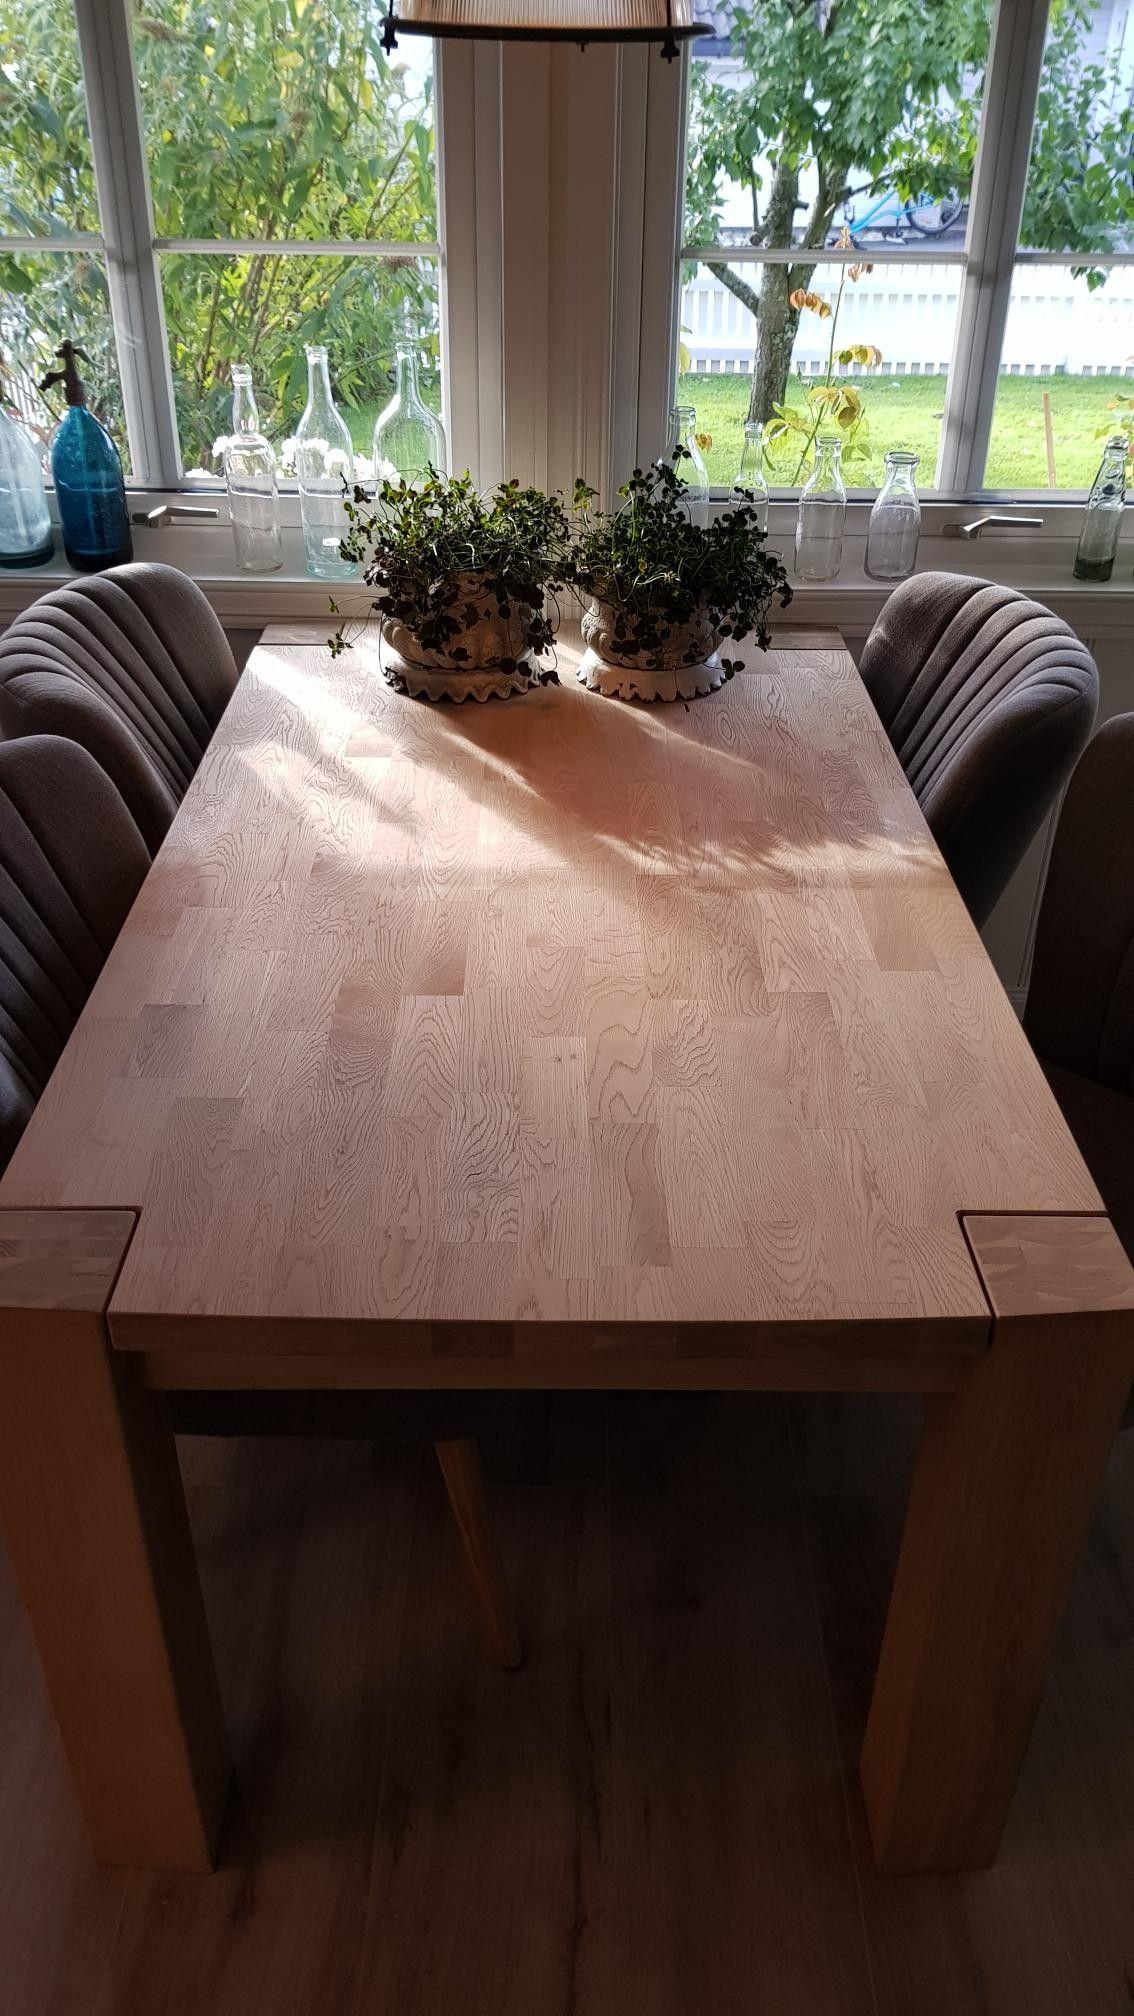 Verona spisebordBrooklyn stoler grå. | FINN.no